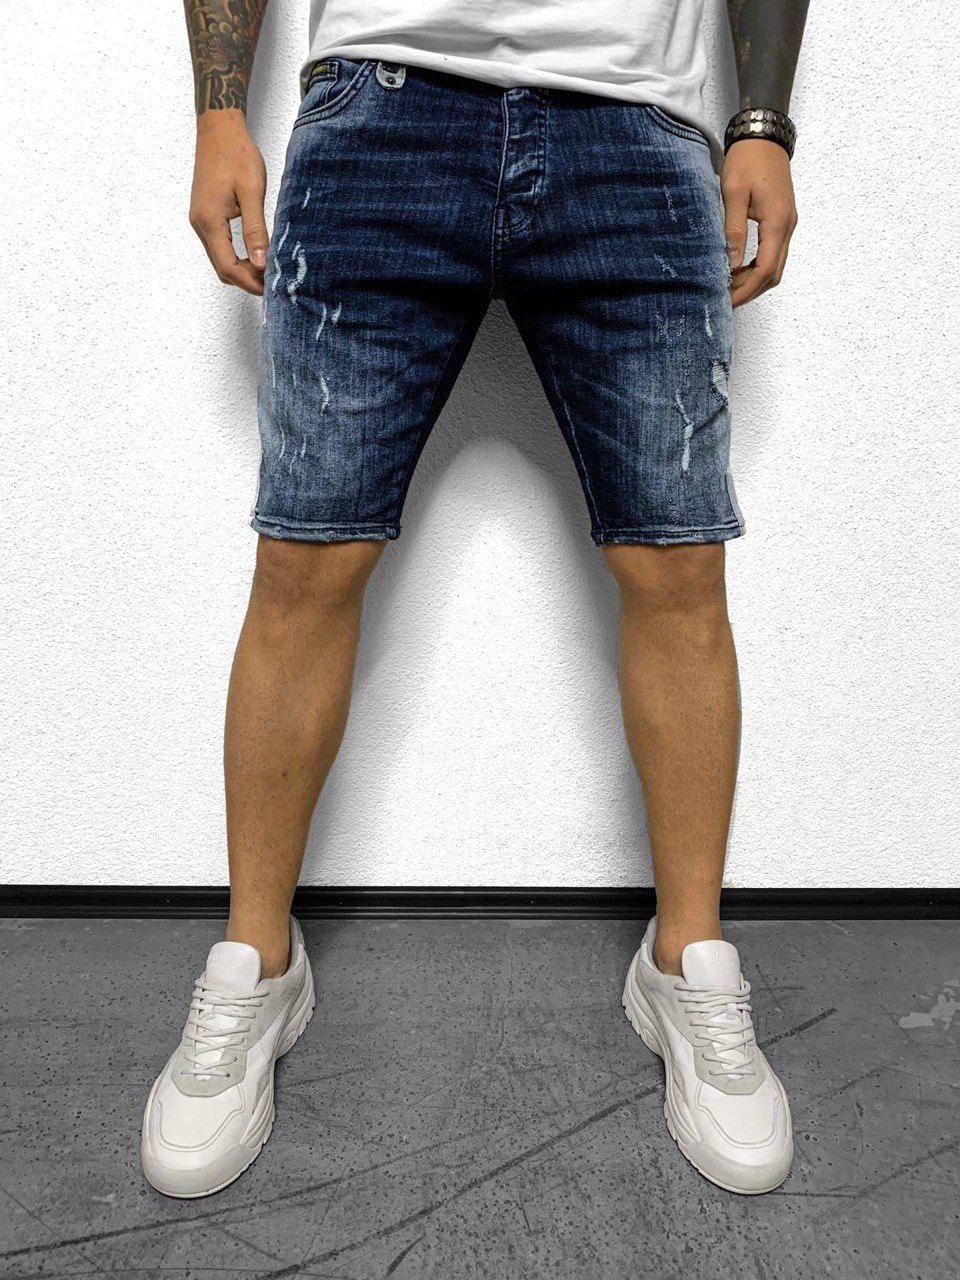 Мужские джинсовые шорты синего цвета поцарапанные